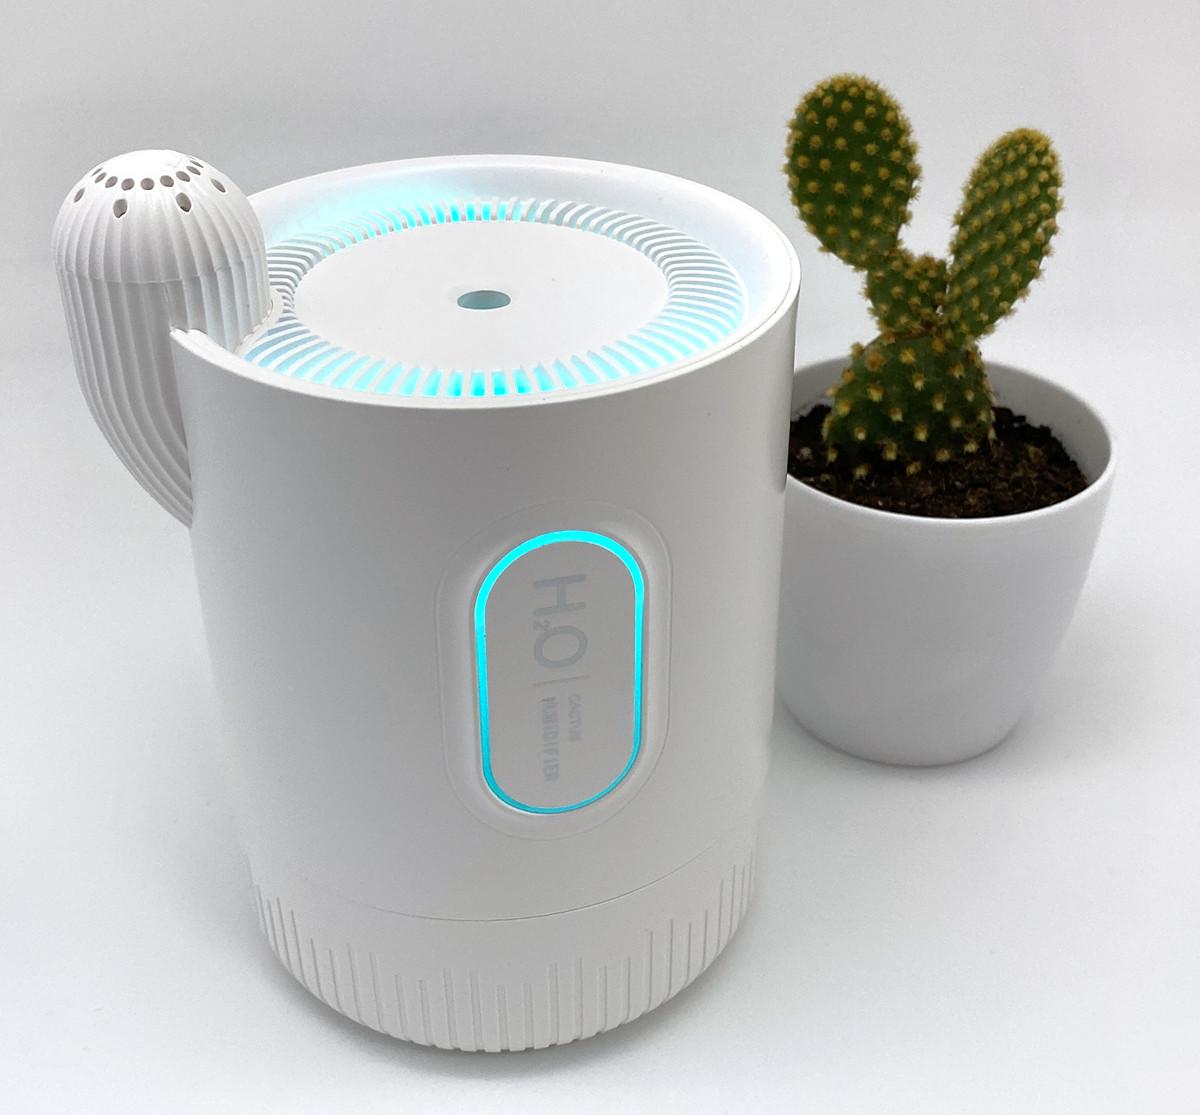 Зволожувач повітря аромадиффузор Wi-Humidifier Aroma. Дифузор зволожувач для арома-терапії бездротовий